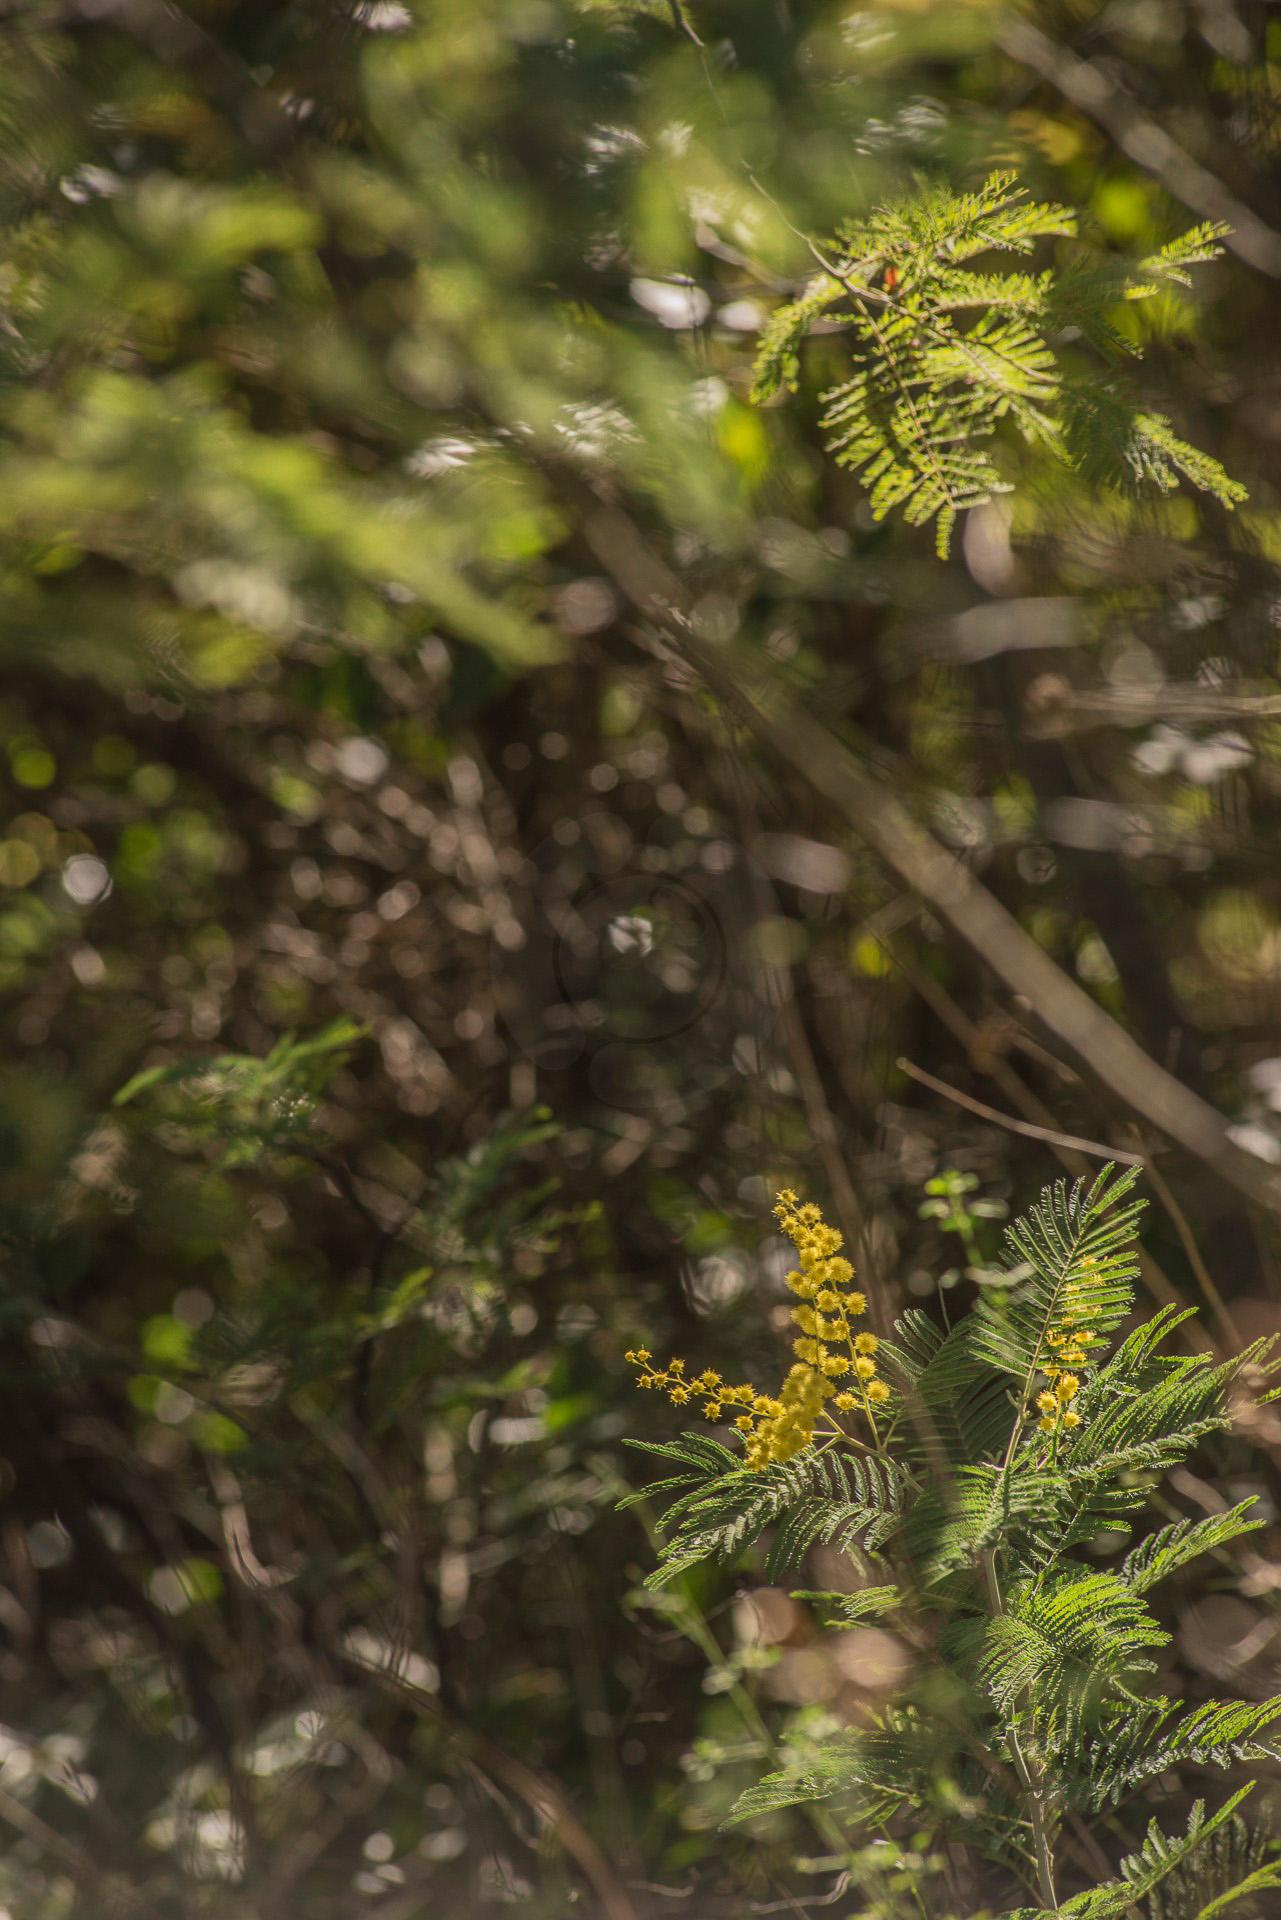 149-le-mimosa-dans-lesterel-fev-2017-1920-px